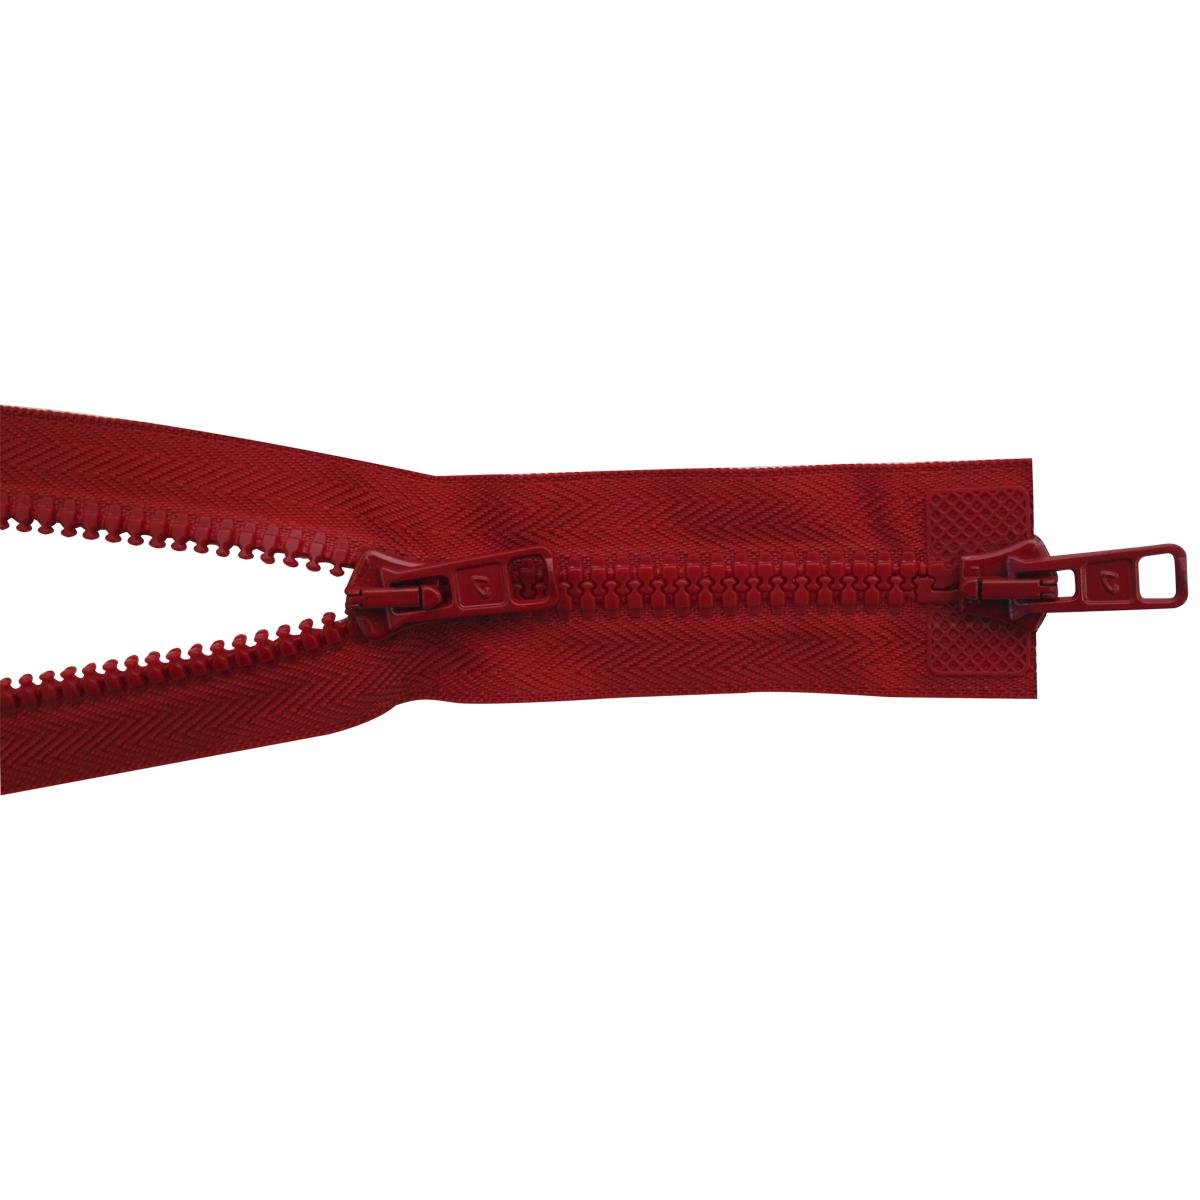 Застежка-молния трактор Arta-F, разъемная (2 замка,Т6) , цвет: красный (008), 120 см195120-008Продукция ARTA-F сертифицирована на Российский, Британский и Латвийский стандарт. Фурнитура ARTA-F изготавливается из европейских материалов, на современном оборудовании, в соответствии с высокими требованиями стандартов. Вся продукция фабрики проходит тесты на качество.Звено застежки-молнии Экстра имеет боковые приливы, которые исключают контакт замка с текстильной лентой, а сокращенный до минимума зазор между замком и приливами звена предохраняет от возможности попадания в замок подкладки, меха, нитей. В то же время эти меры повышают прочность застежки при высоких нагрузках, особенно на изгиб. Применение таких приливов на молниях ARTA-F не только повышает эксплуатационные качества застежки, но и увеличивает прочность крепления звена к ленте, и продлевает срок службы застежек-молний ARTA-F. Такая застежка-молния безопасна, легка в использовании и не повредит одежду.